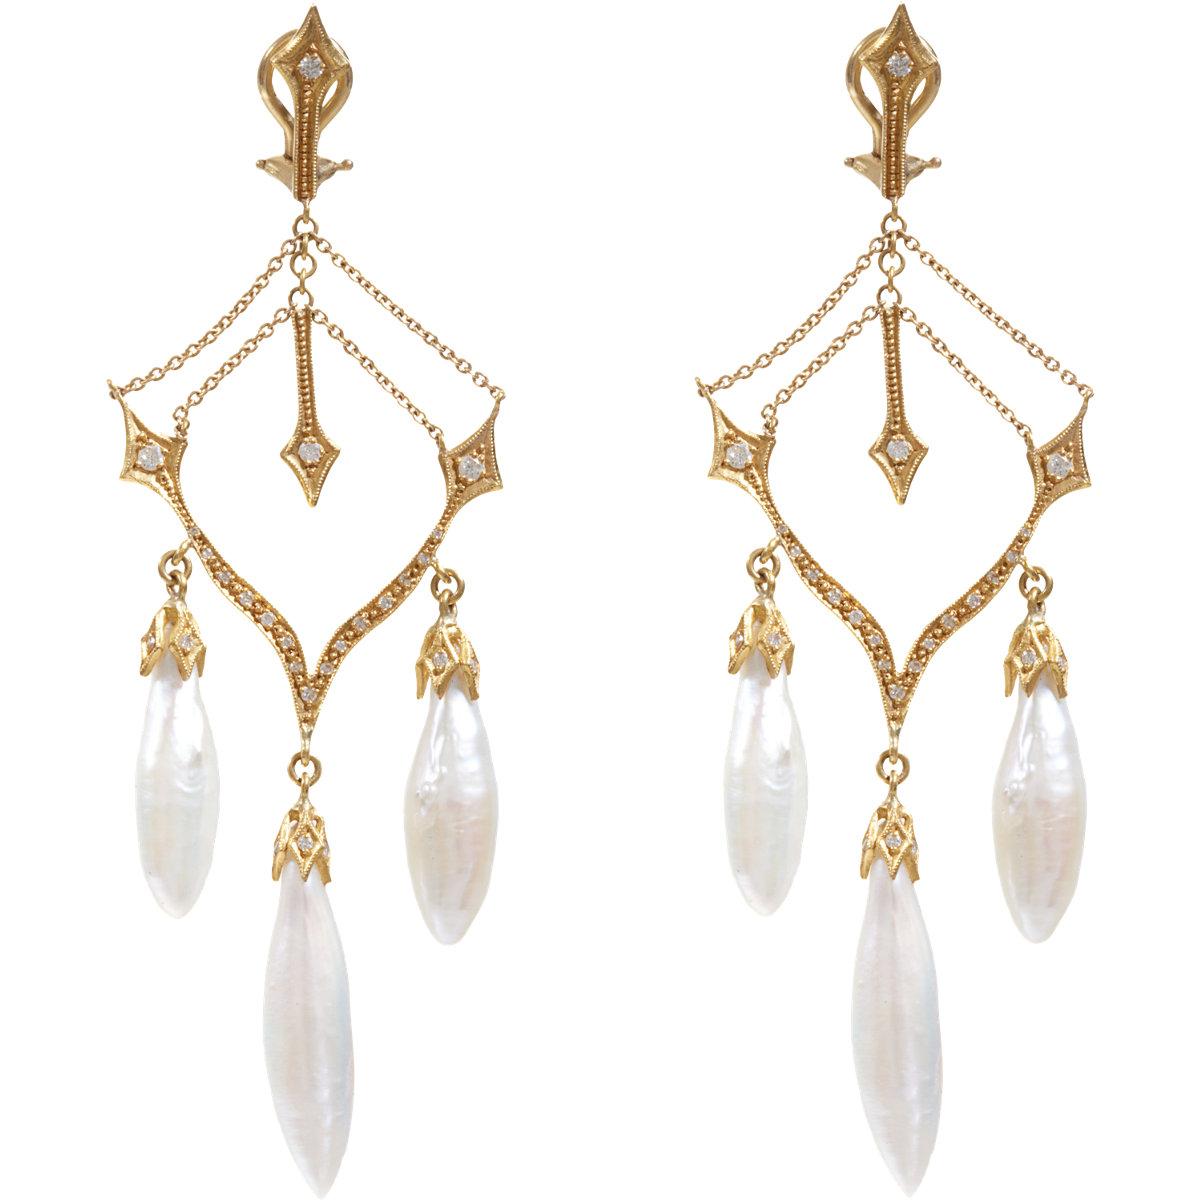 Cathy waterman arrow chandelier pearl earrings pearls5 timeless cathy waterman arrow chandelier pearl earrings pearls5 timeless elegant sophisticated pinterest cathy waterman pearl earrings and pearls aloadofball Gallery